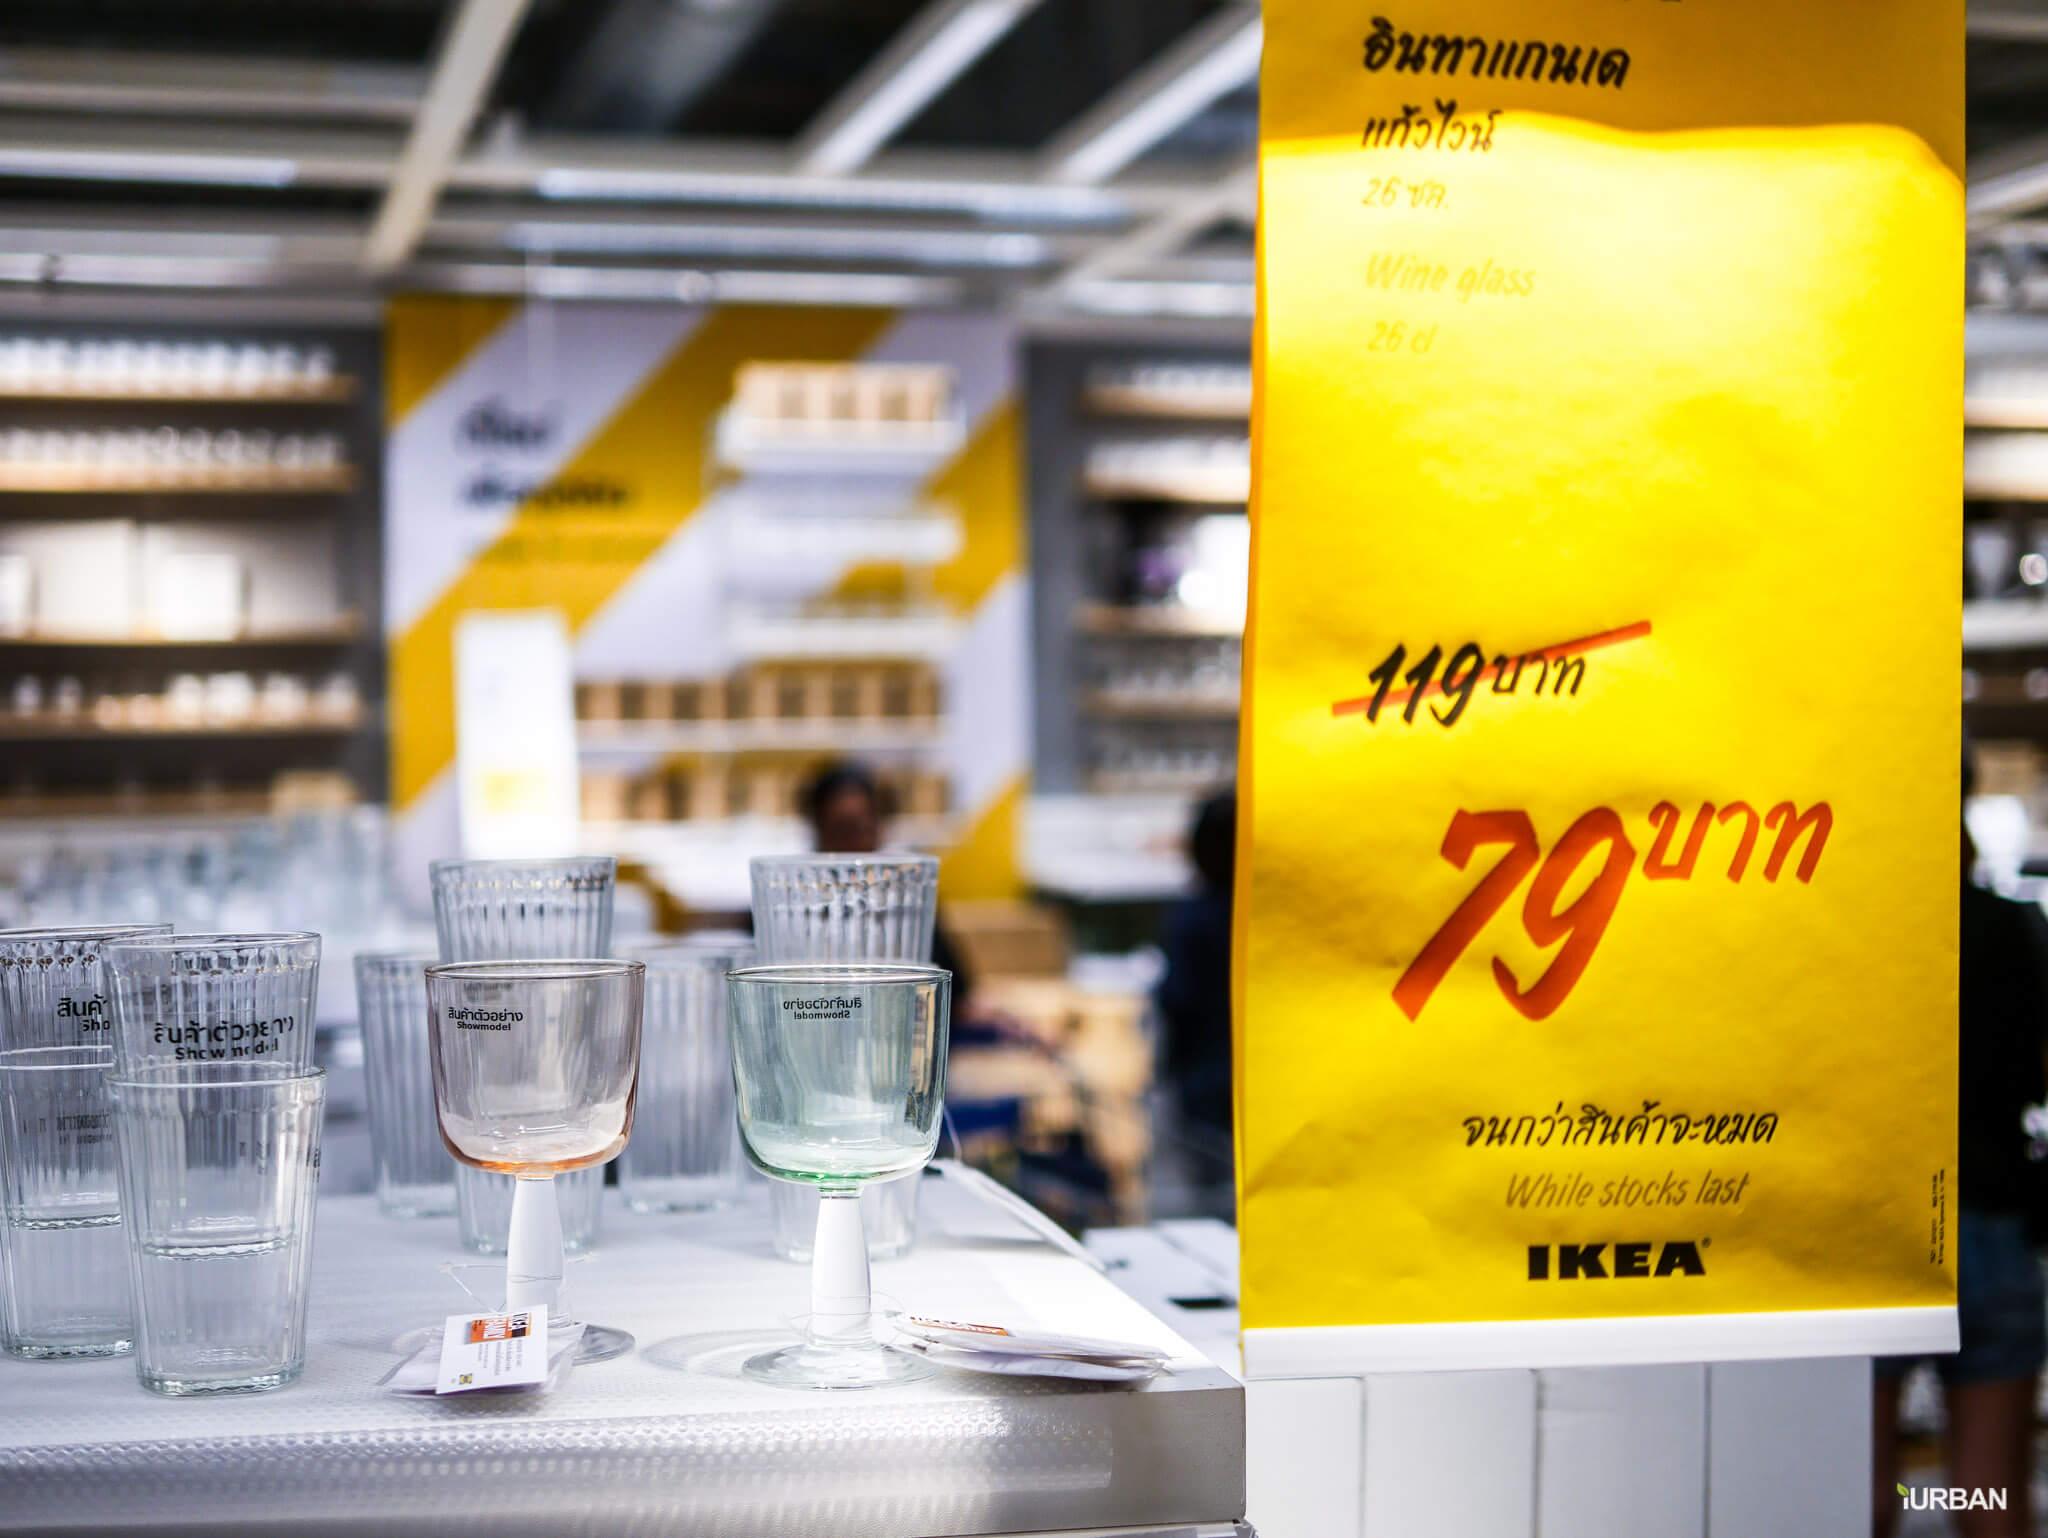 มันเยอะมากกกก!! IKEA Year End SALE 2017 รวมของเซลในอิเกีย ลดเยอะ ลดแหลก รีบพุ่งตัวไป วันนี้ - 7 มกราคม 61 131 - IKEA (อิเกีย)